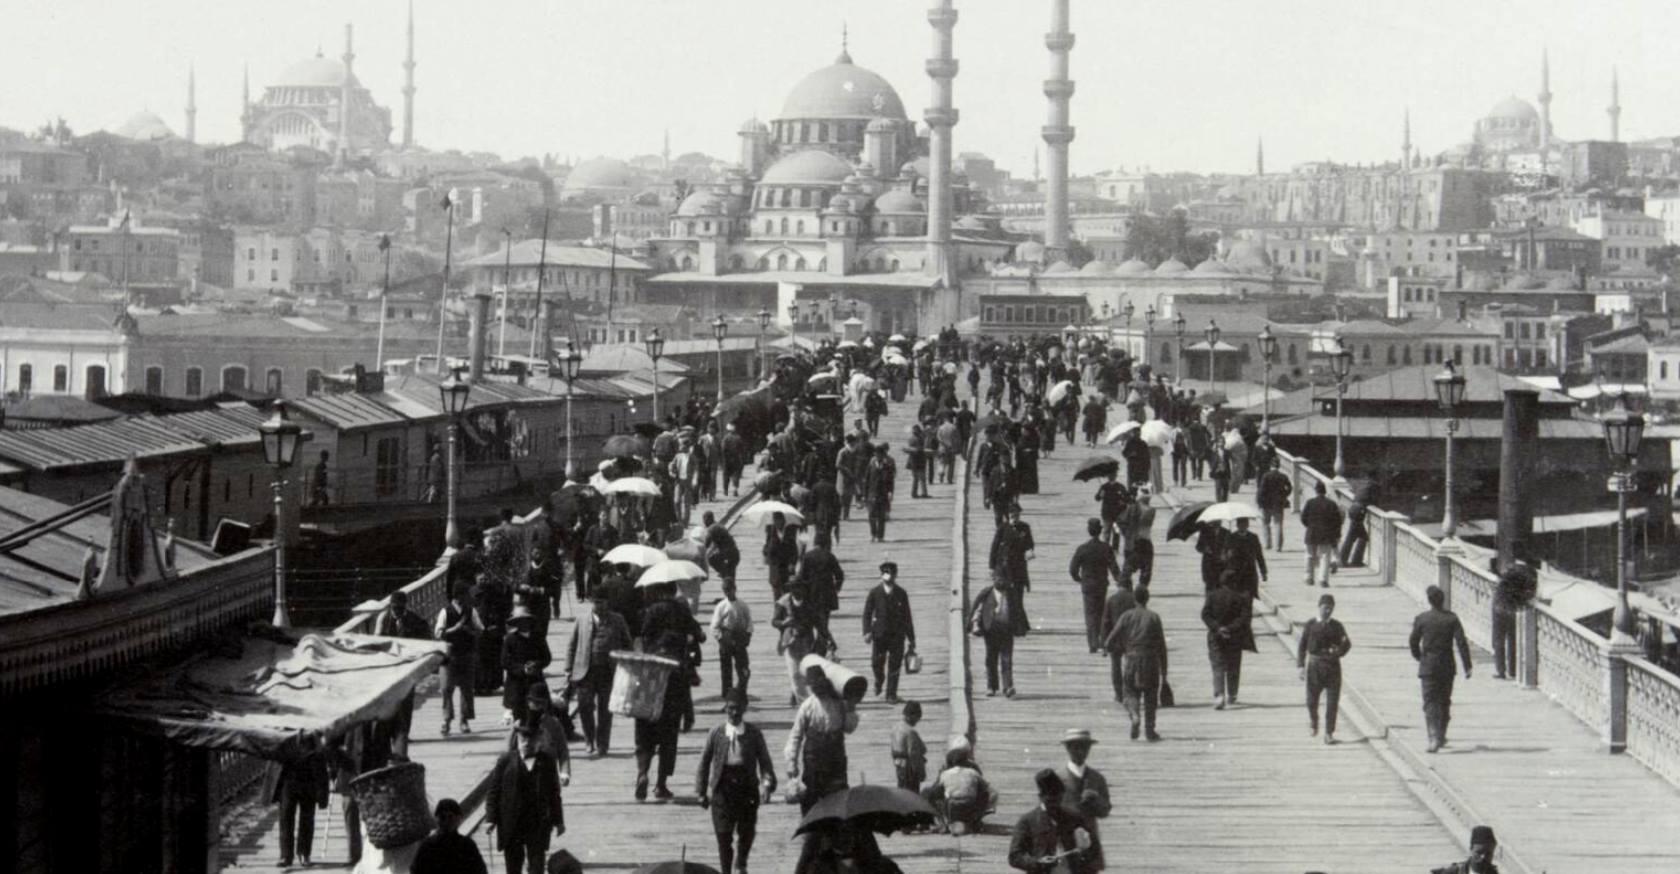 Закрыв глаза, я слушаю Стамбул… смотреть фото